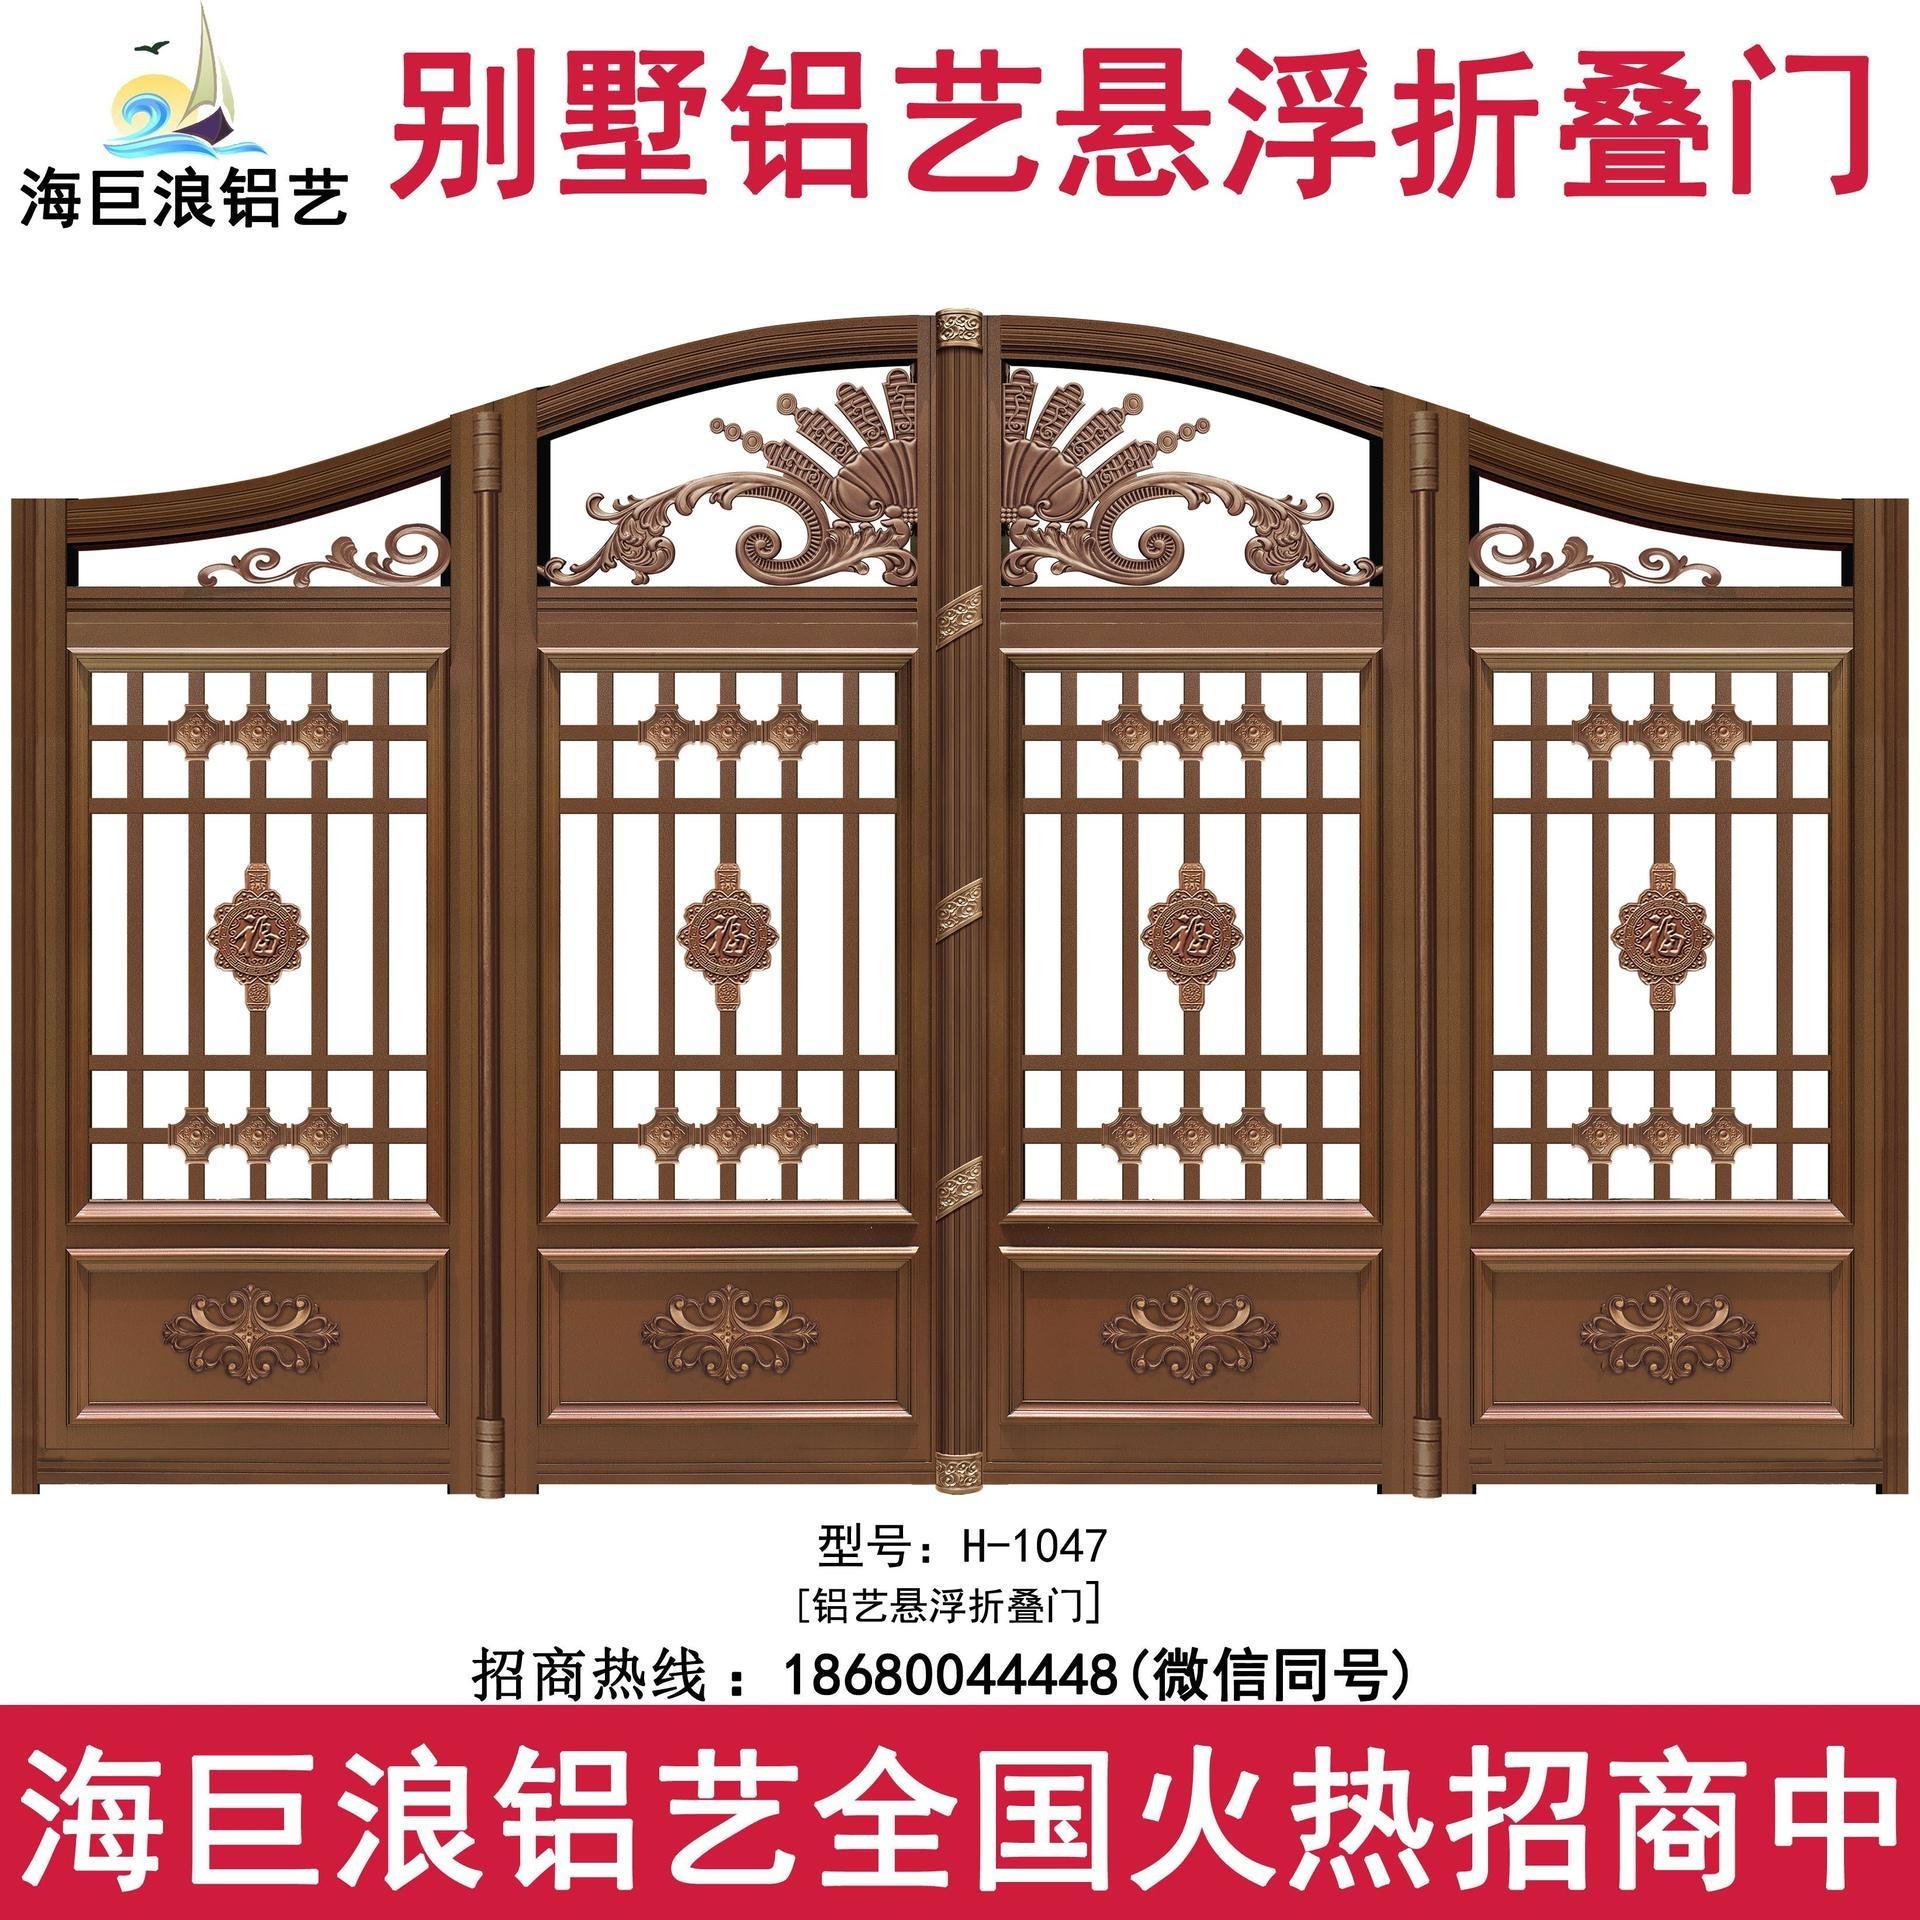 深圳專業無軌懸浮折疊門價格 別墅無軌折疊門廠家